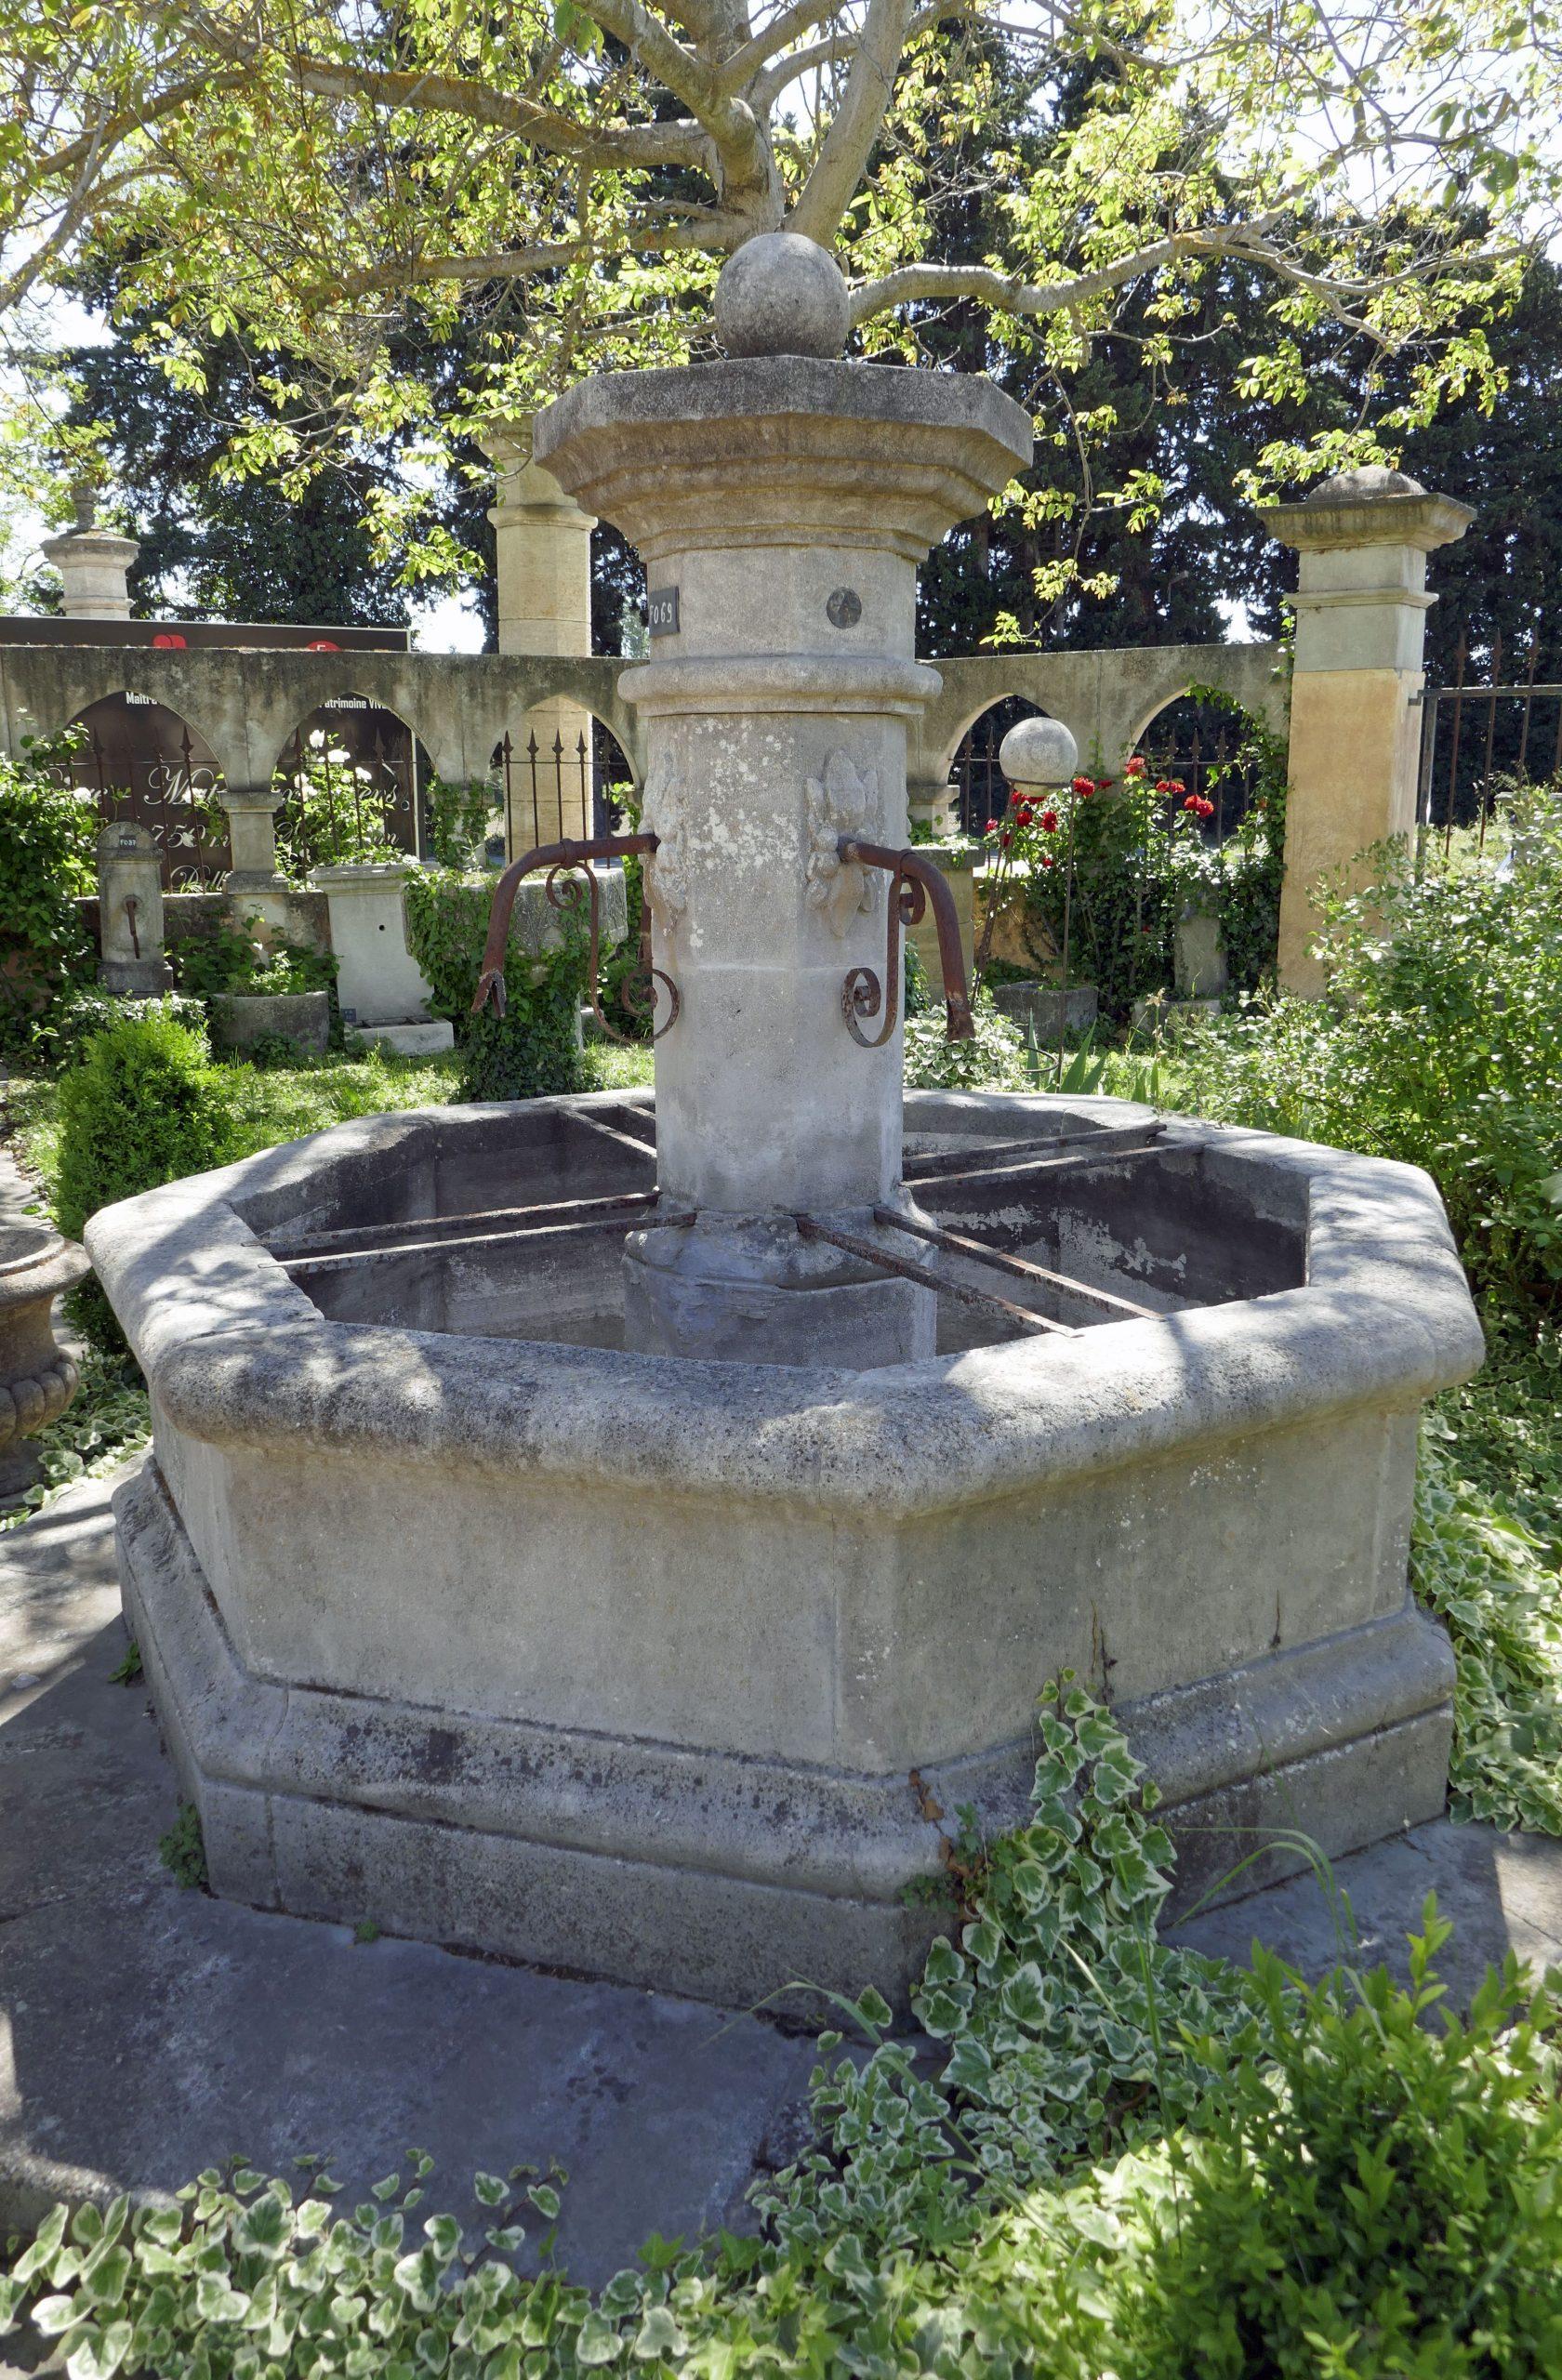 Cette Fontaine De Jardin Taillée À La Main Dans Nos Ateliers ... concernant Fontaine Naturelle Jardin